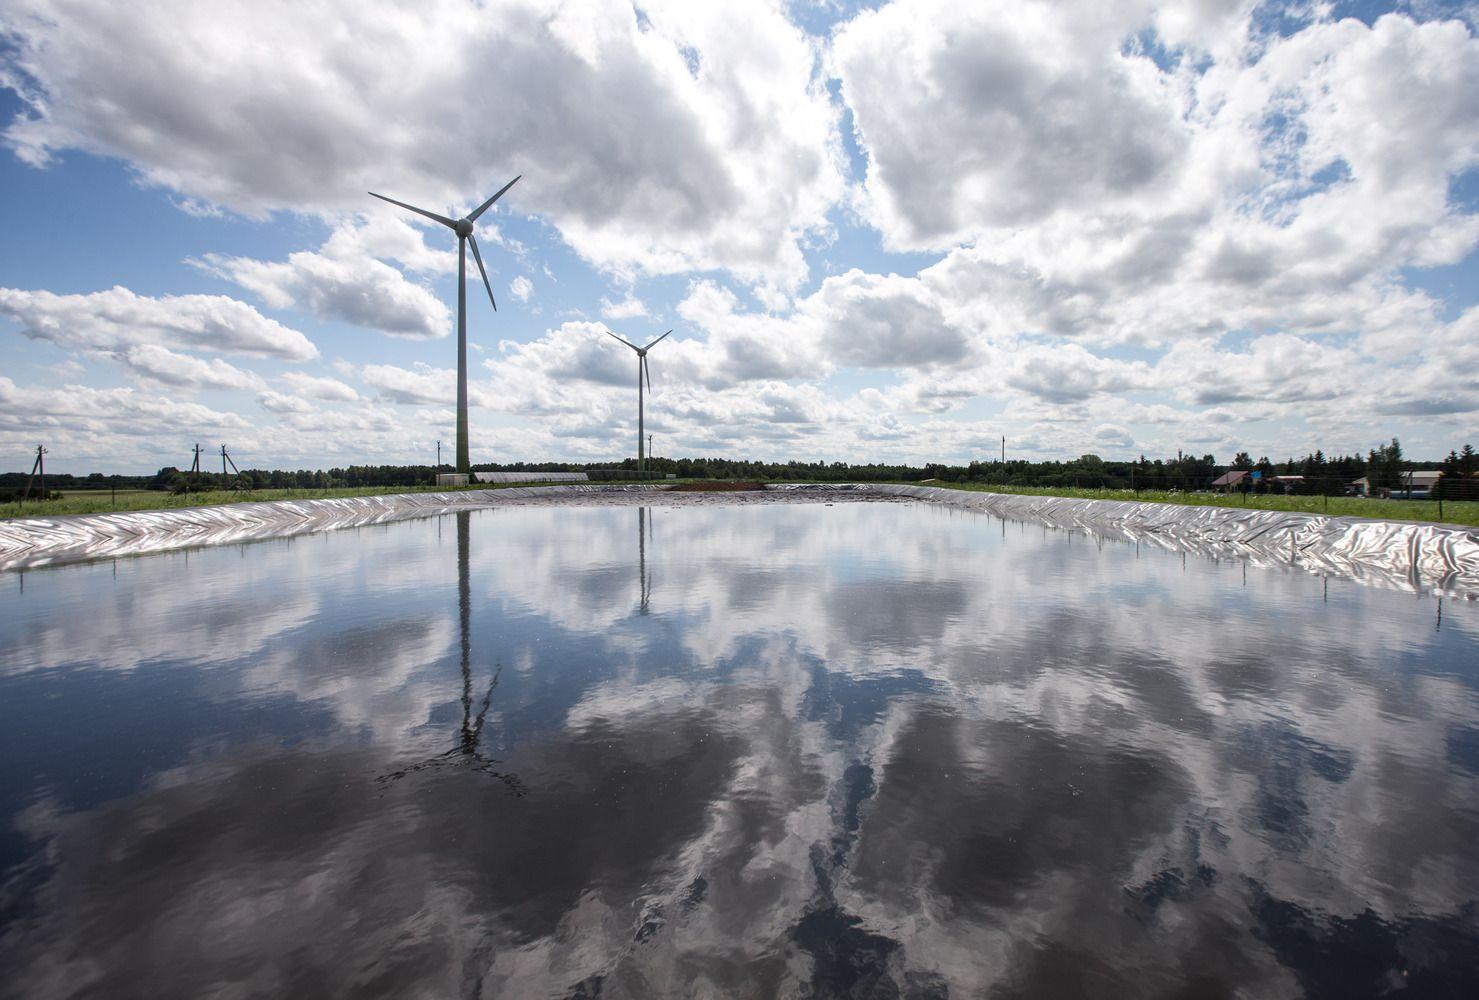 Pirmąjį ketvirtį vėjo jėgainės Lietuvoje pagamino per 30% elektros energijos